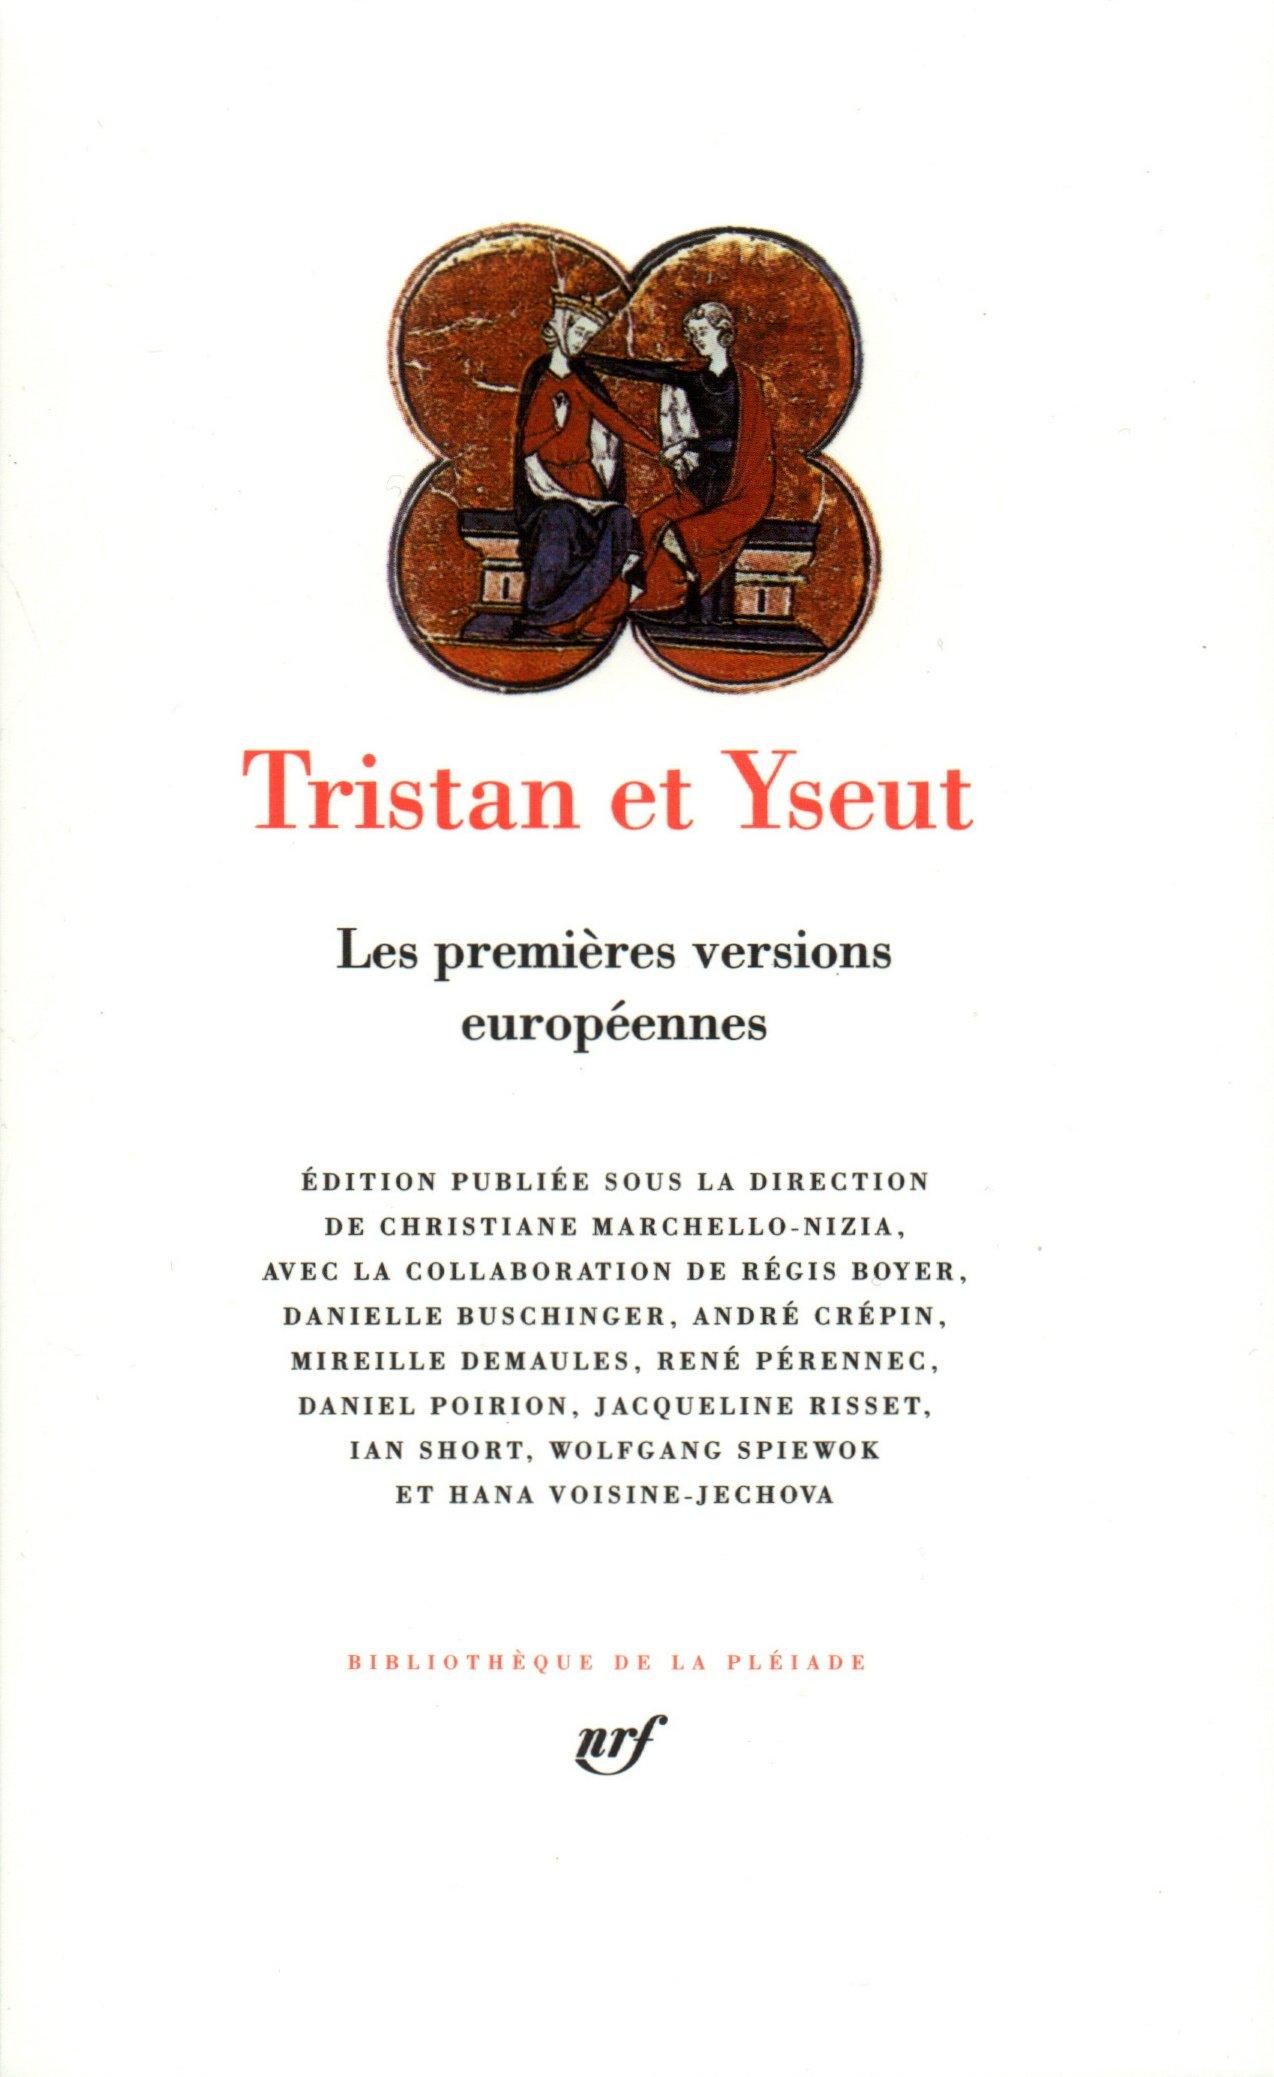 [Pléiade] Tristan et Yseut - les premières versions européennes